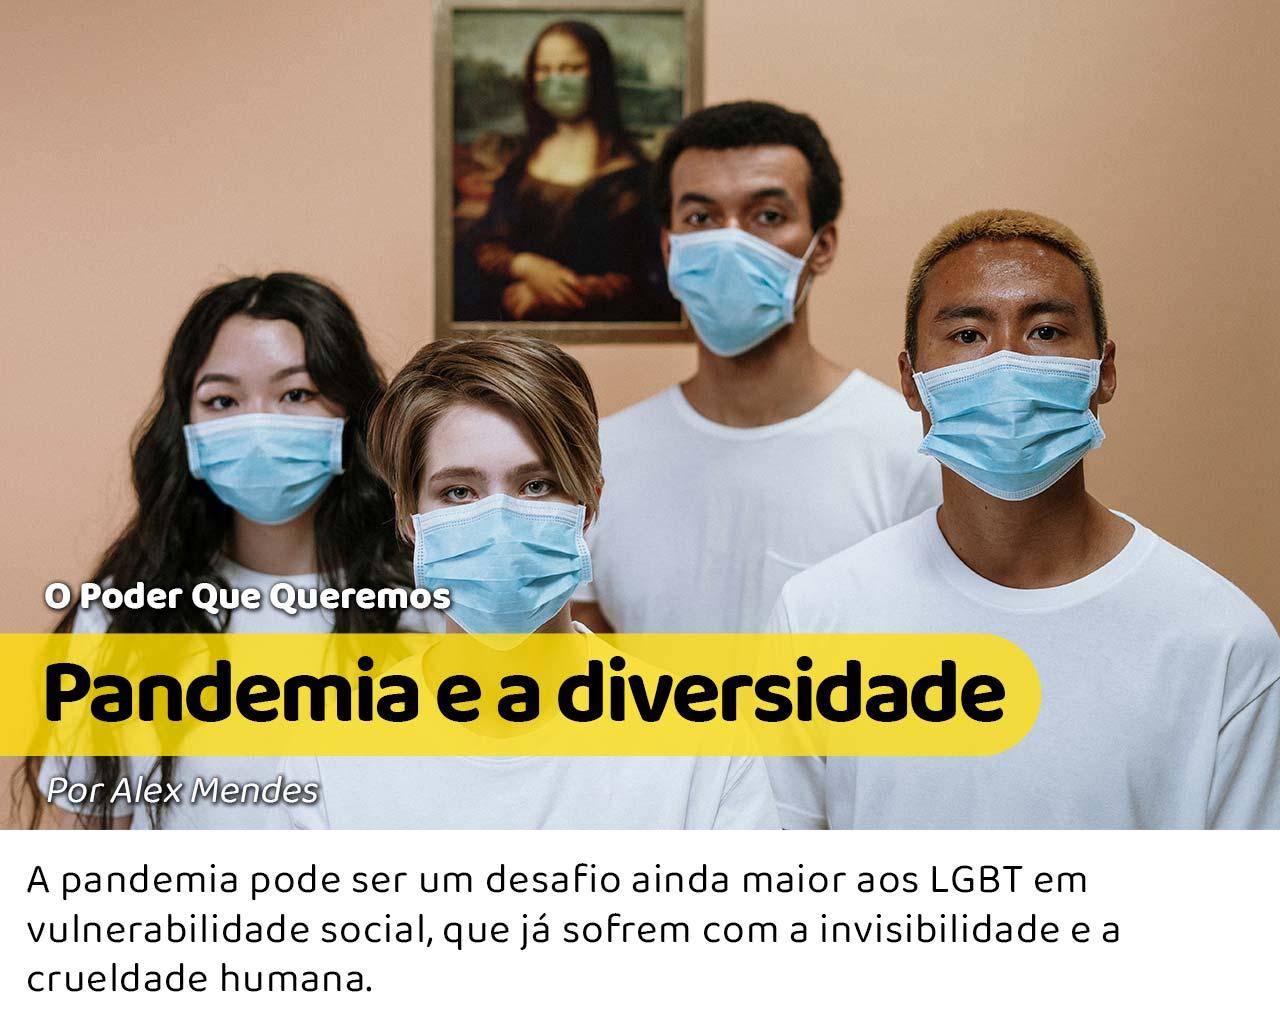 A diversidade representada por quatro pessoas de etnias diferentes e aparentemente LGBT